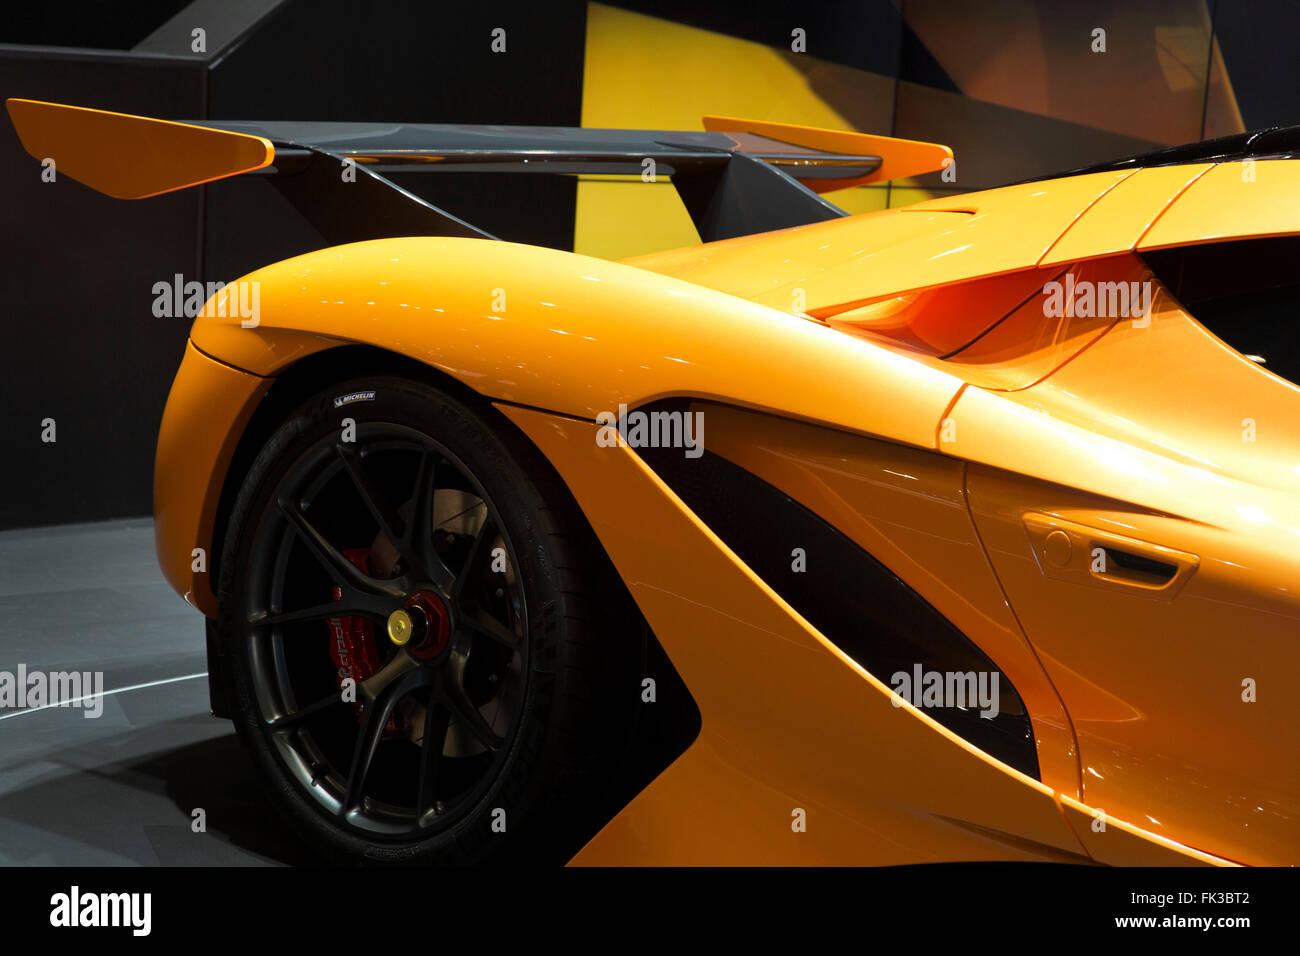 Apollo Arrow supercar at the Geneva Motor Show 2016 - Stock Image